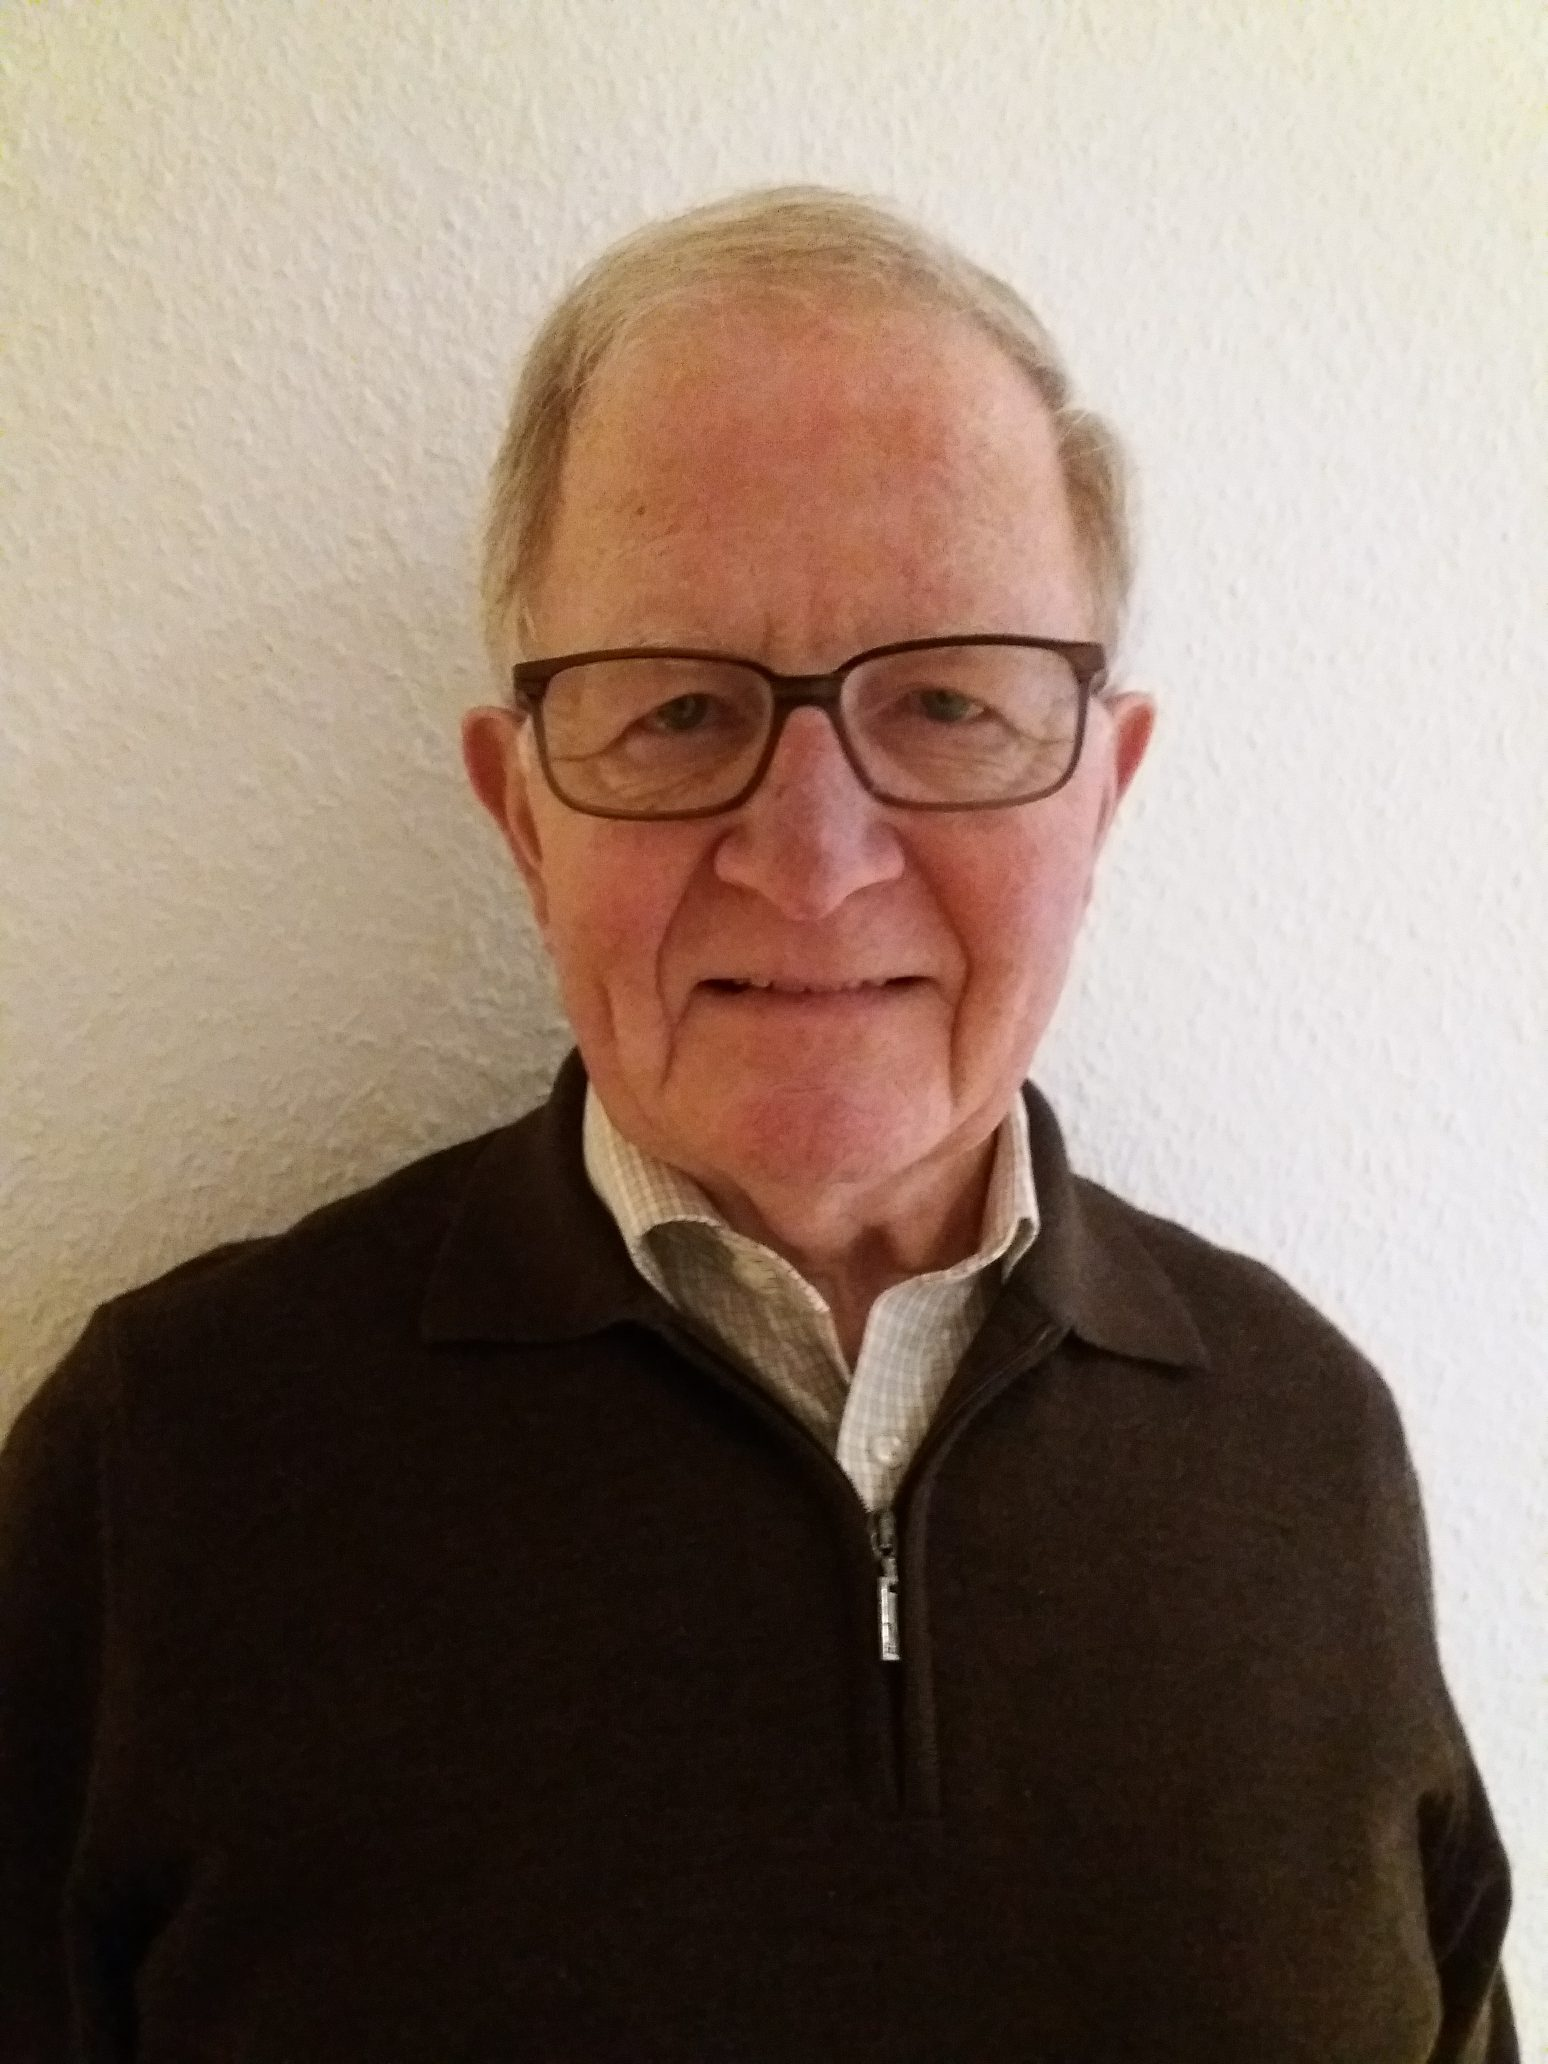 Karl-Heinz Petri